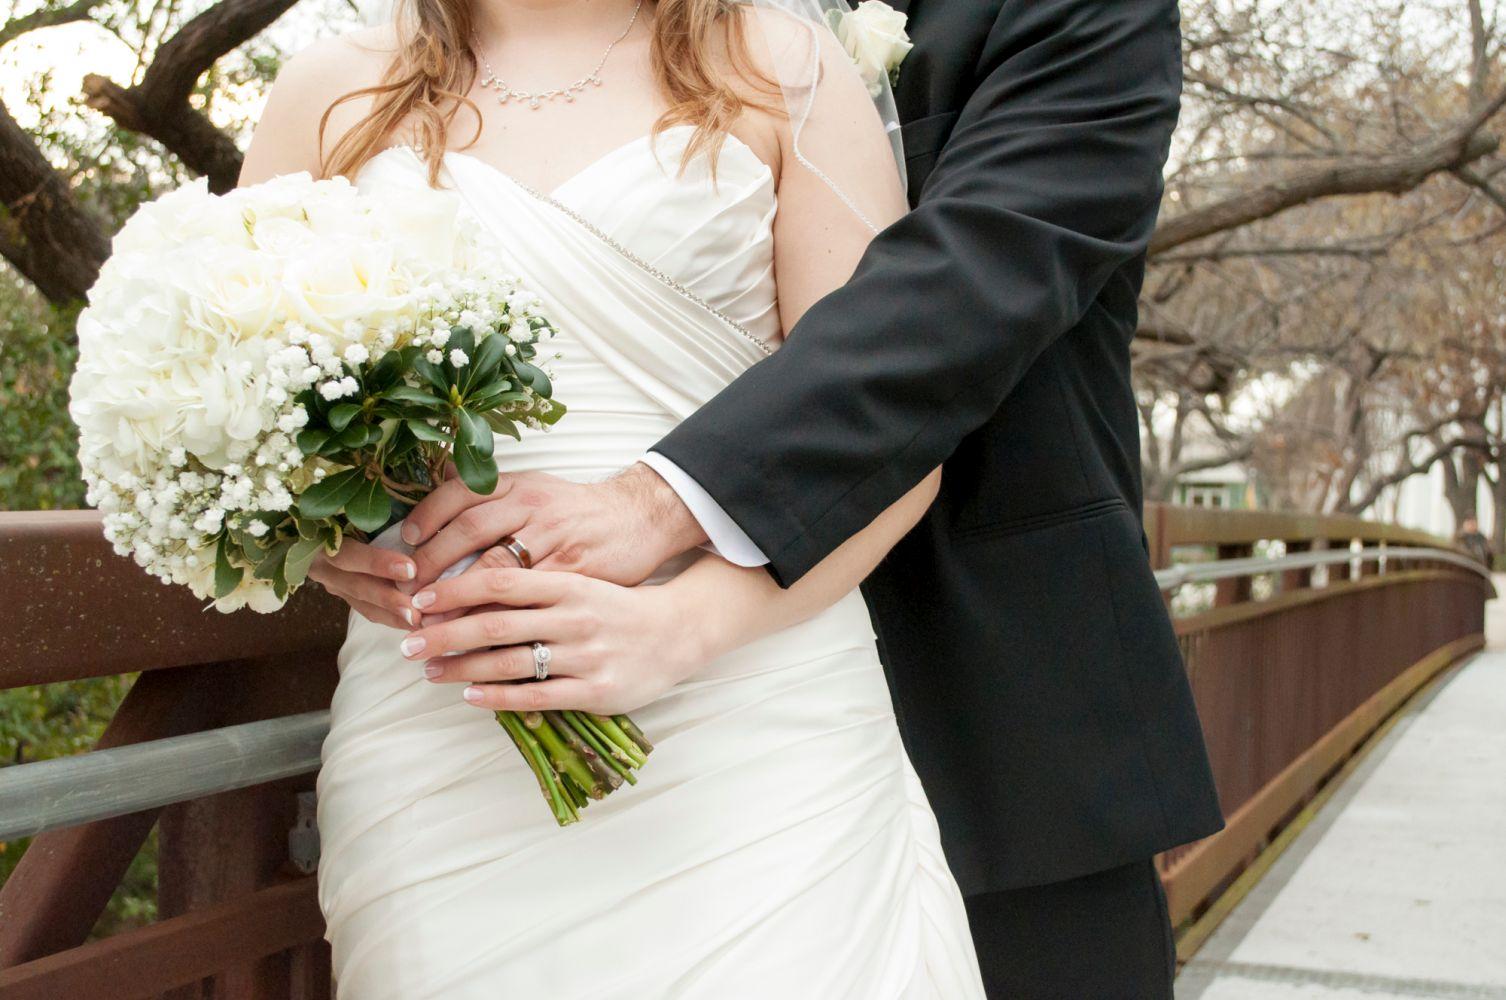 «Свадьба года-2016»: что думают члены жюри